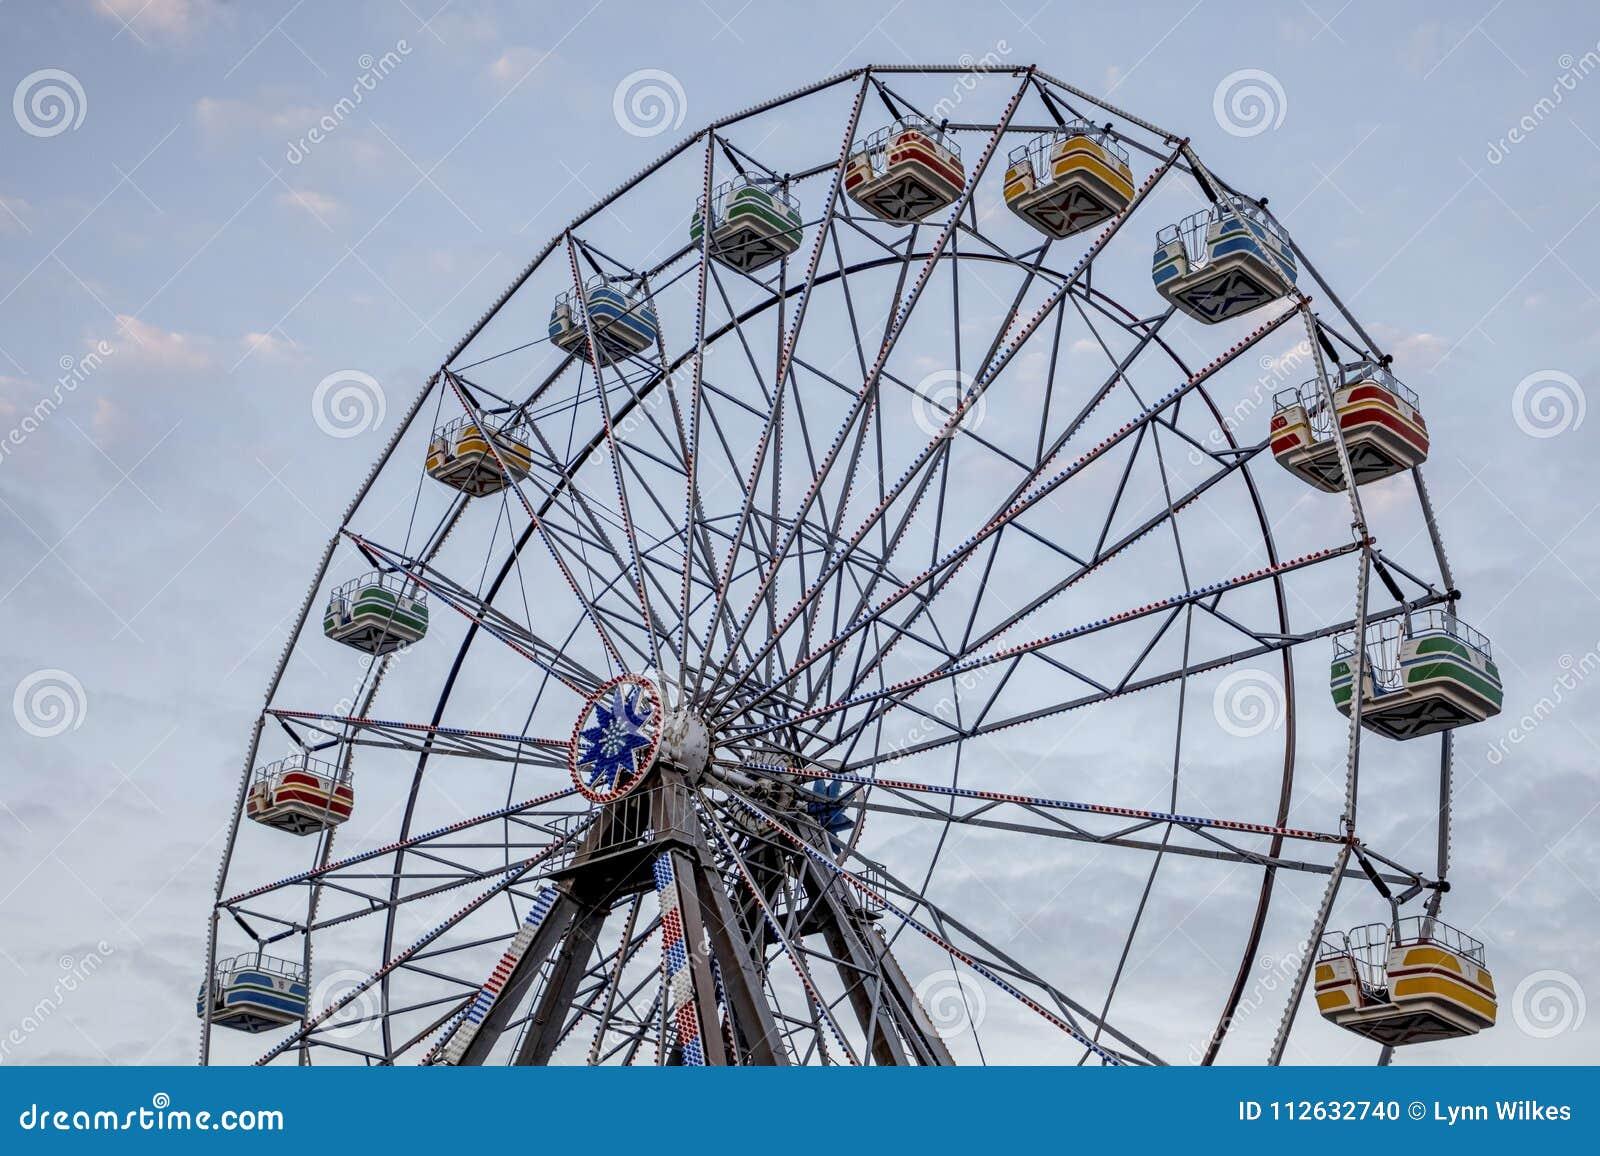 Roda de Ferris de encontro ao céu azul